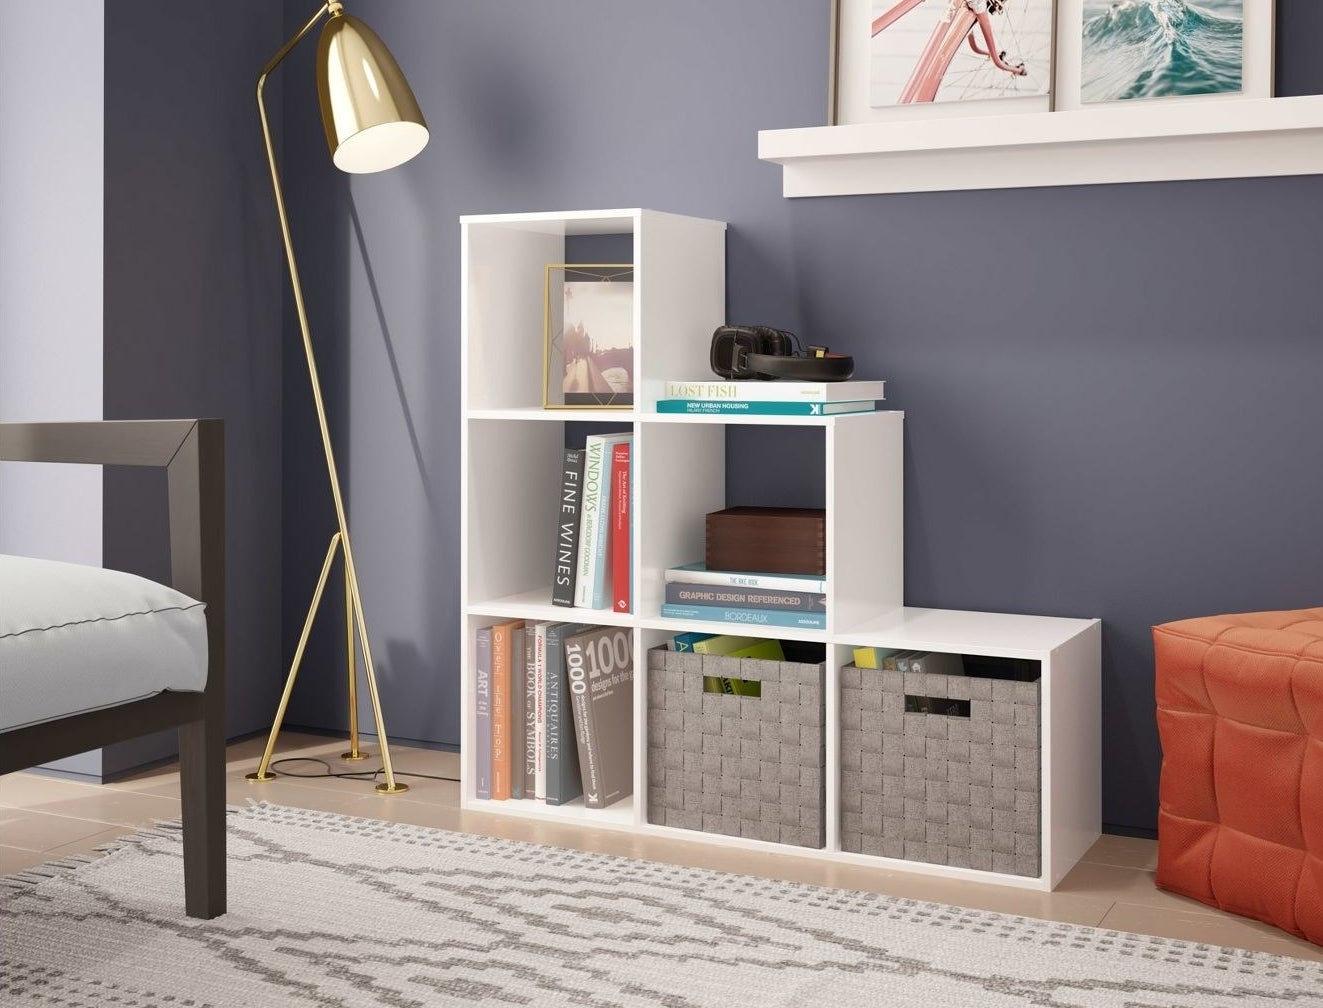 A cube bookshelf in a home